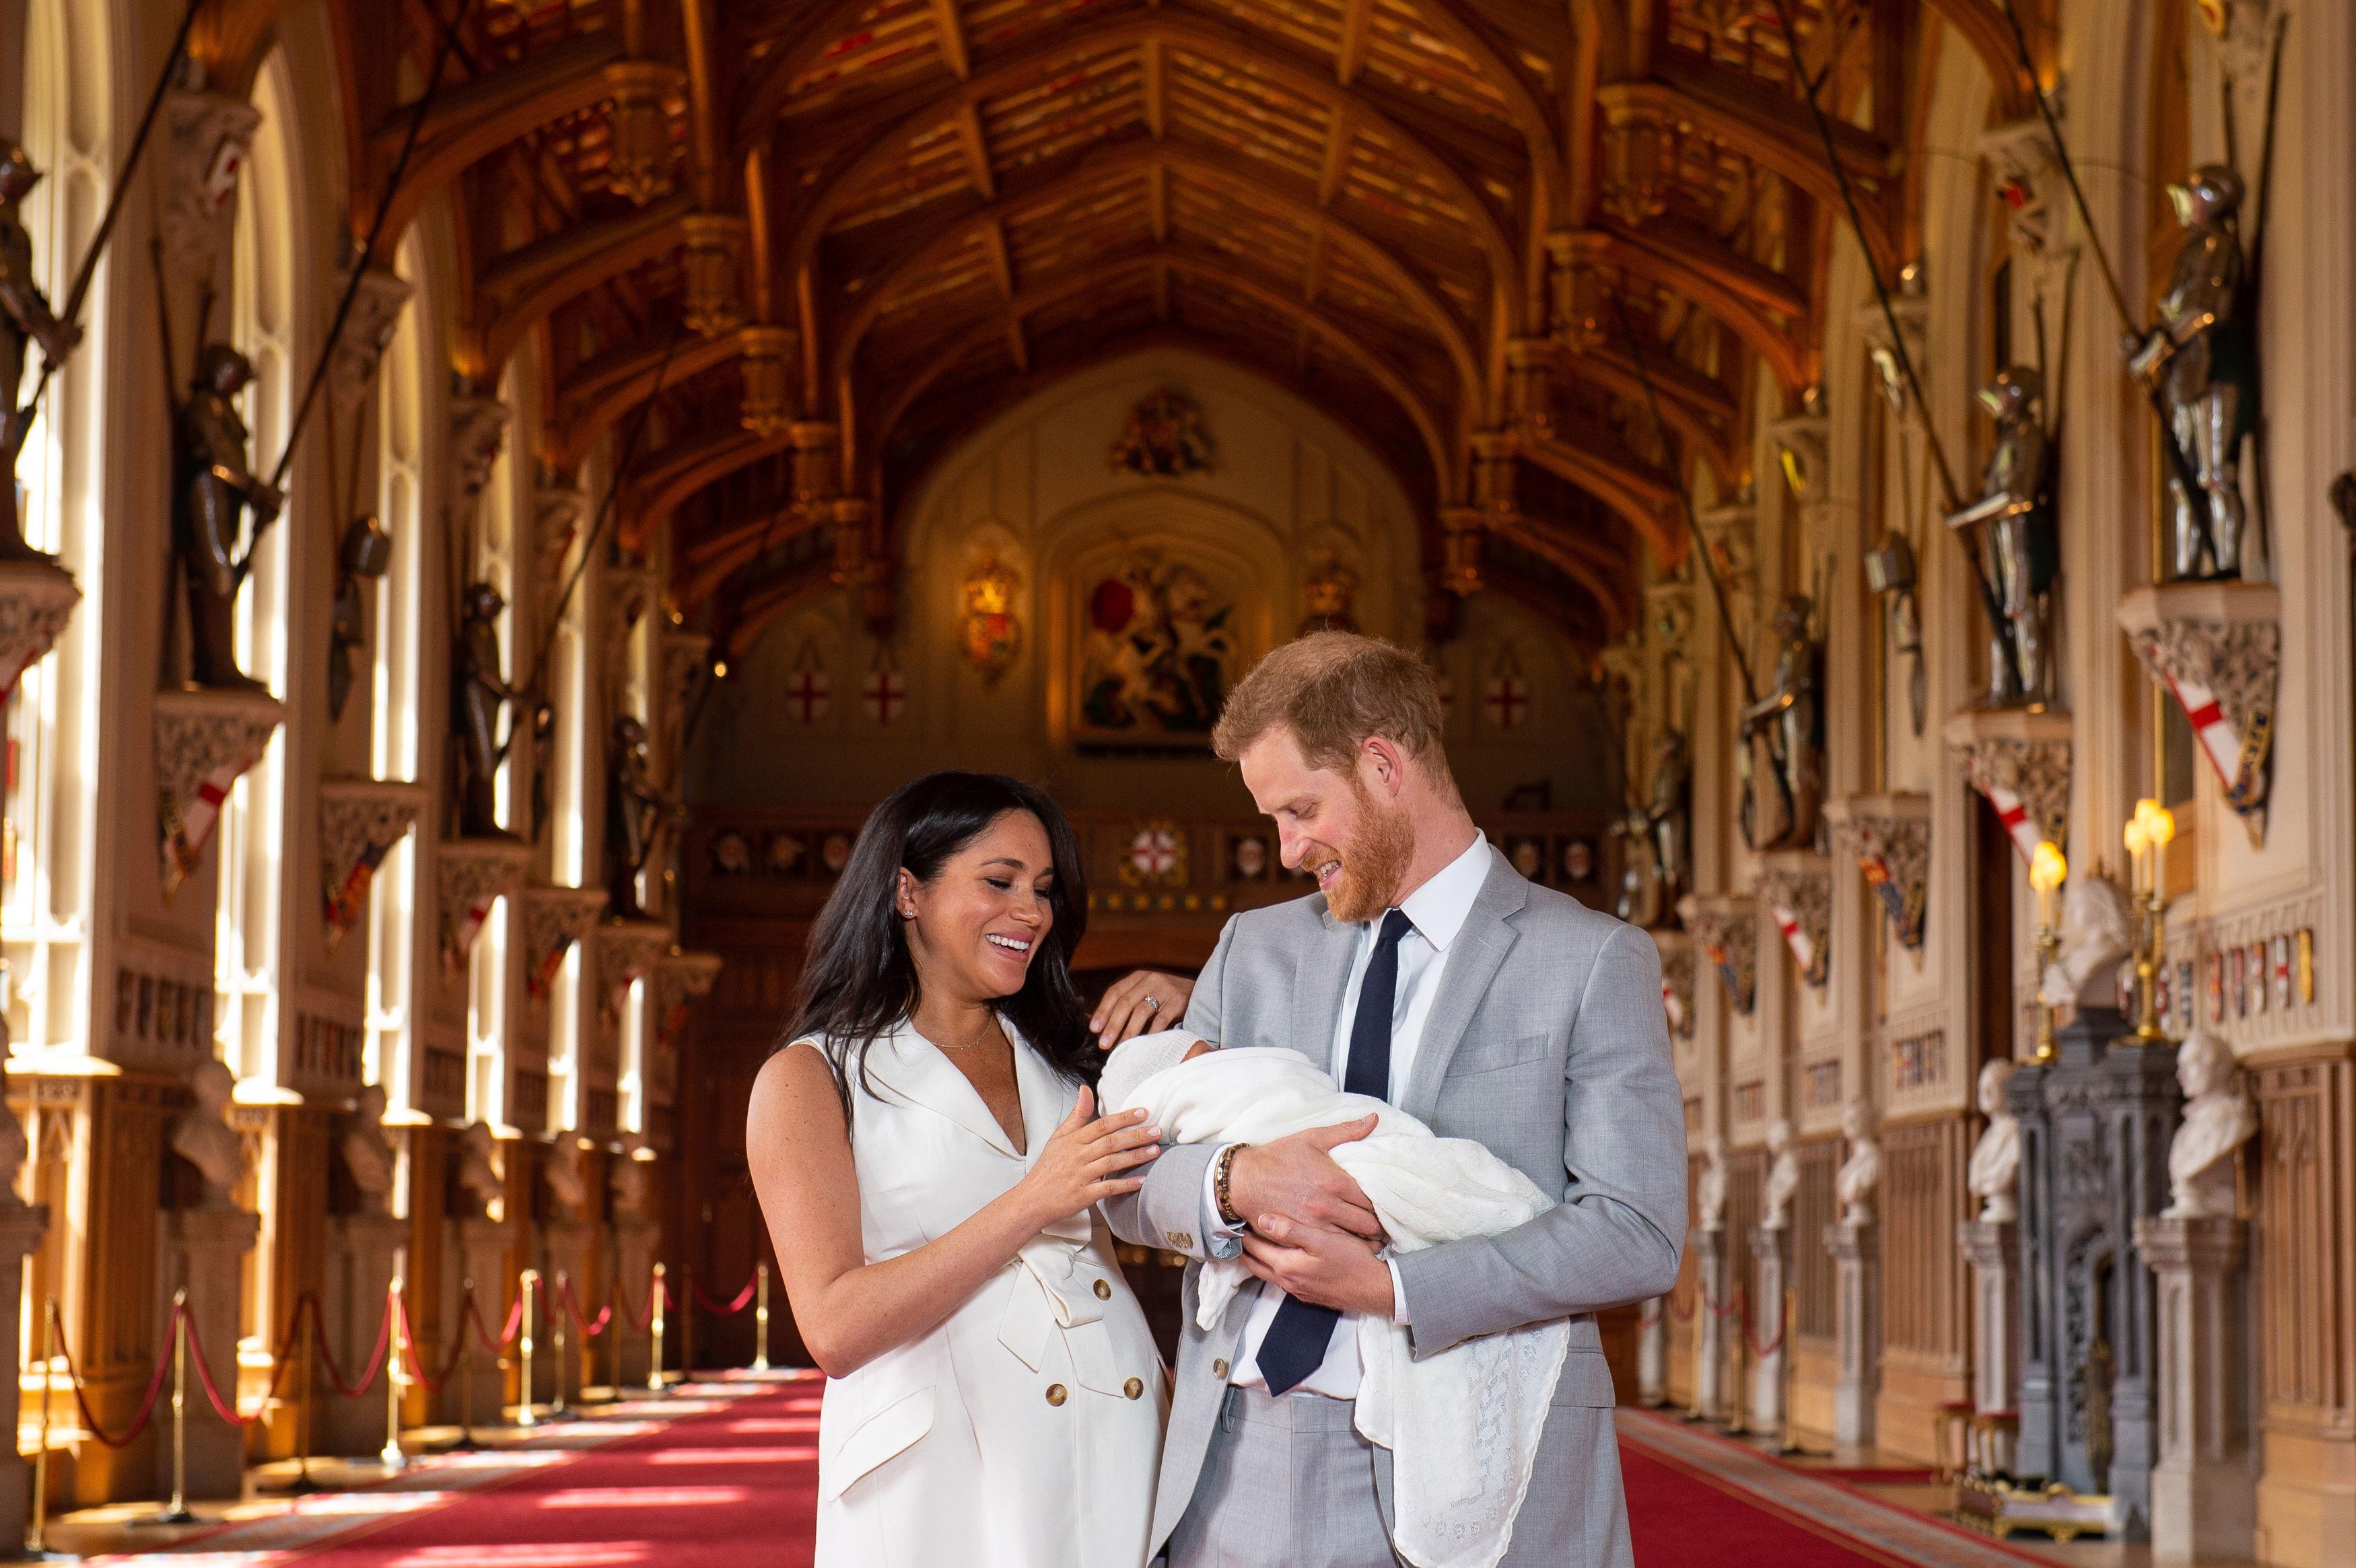 Херцозите на Съсекс принц Хари и съпругата му Меган Маркъл показаха първородния си син, който се роди рано сутрин в понеделник, 6 май